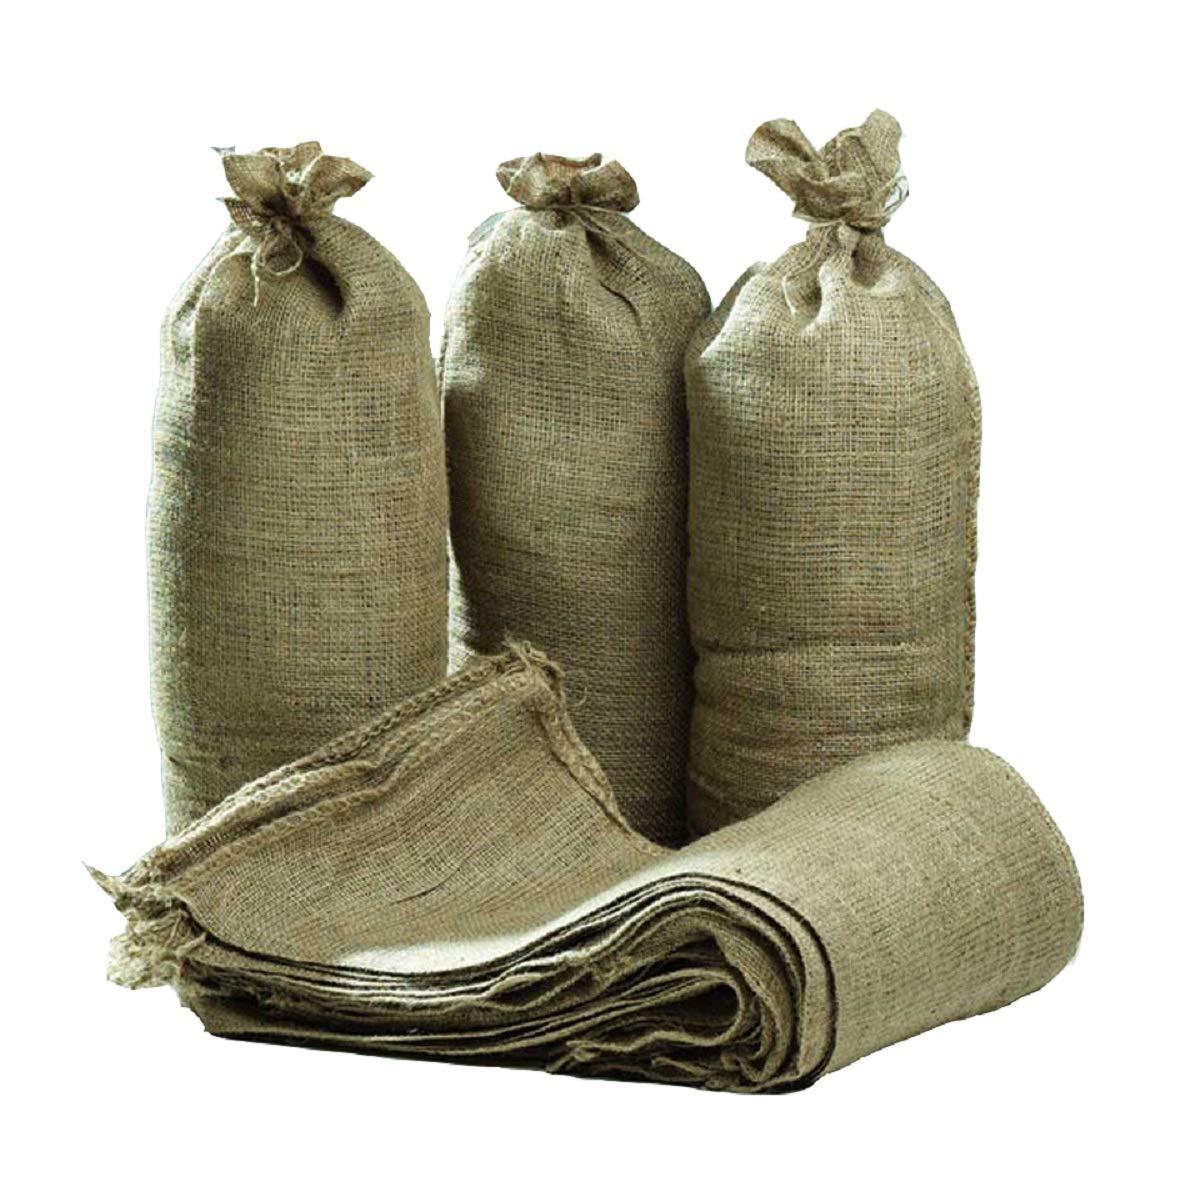 Sac /à sable avec liens en toile de jute 750/x 325/mm Sac de protection anti inondation